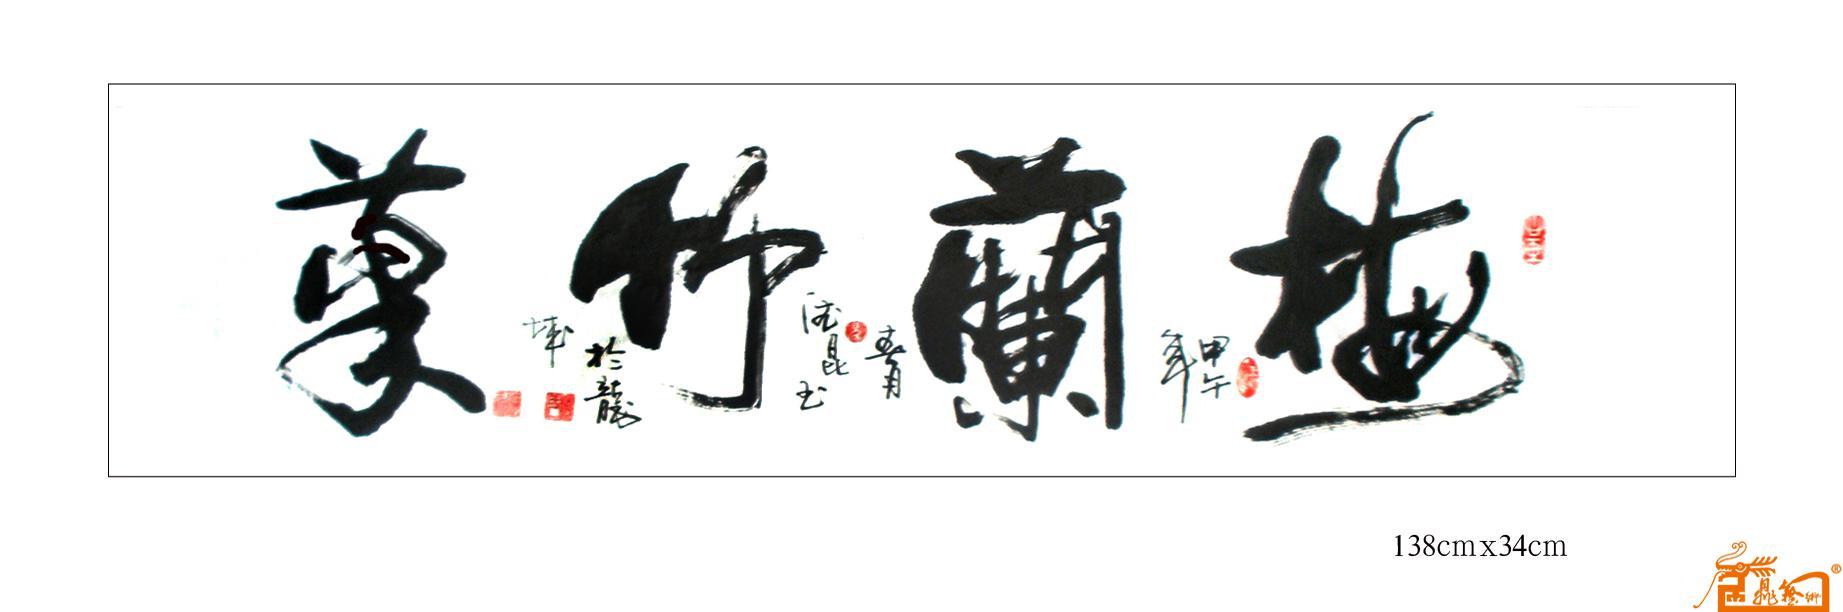 蒋容梅艺术签名设计